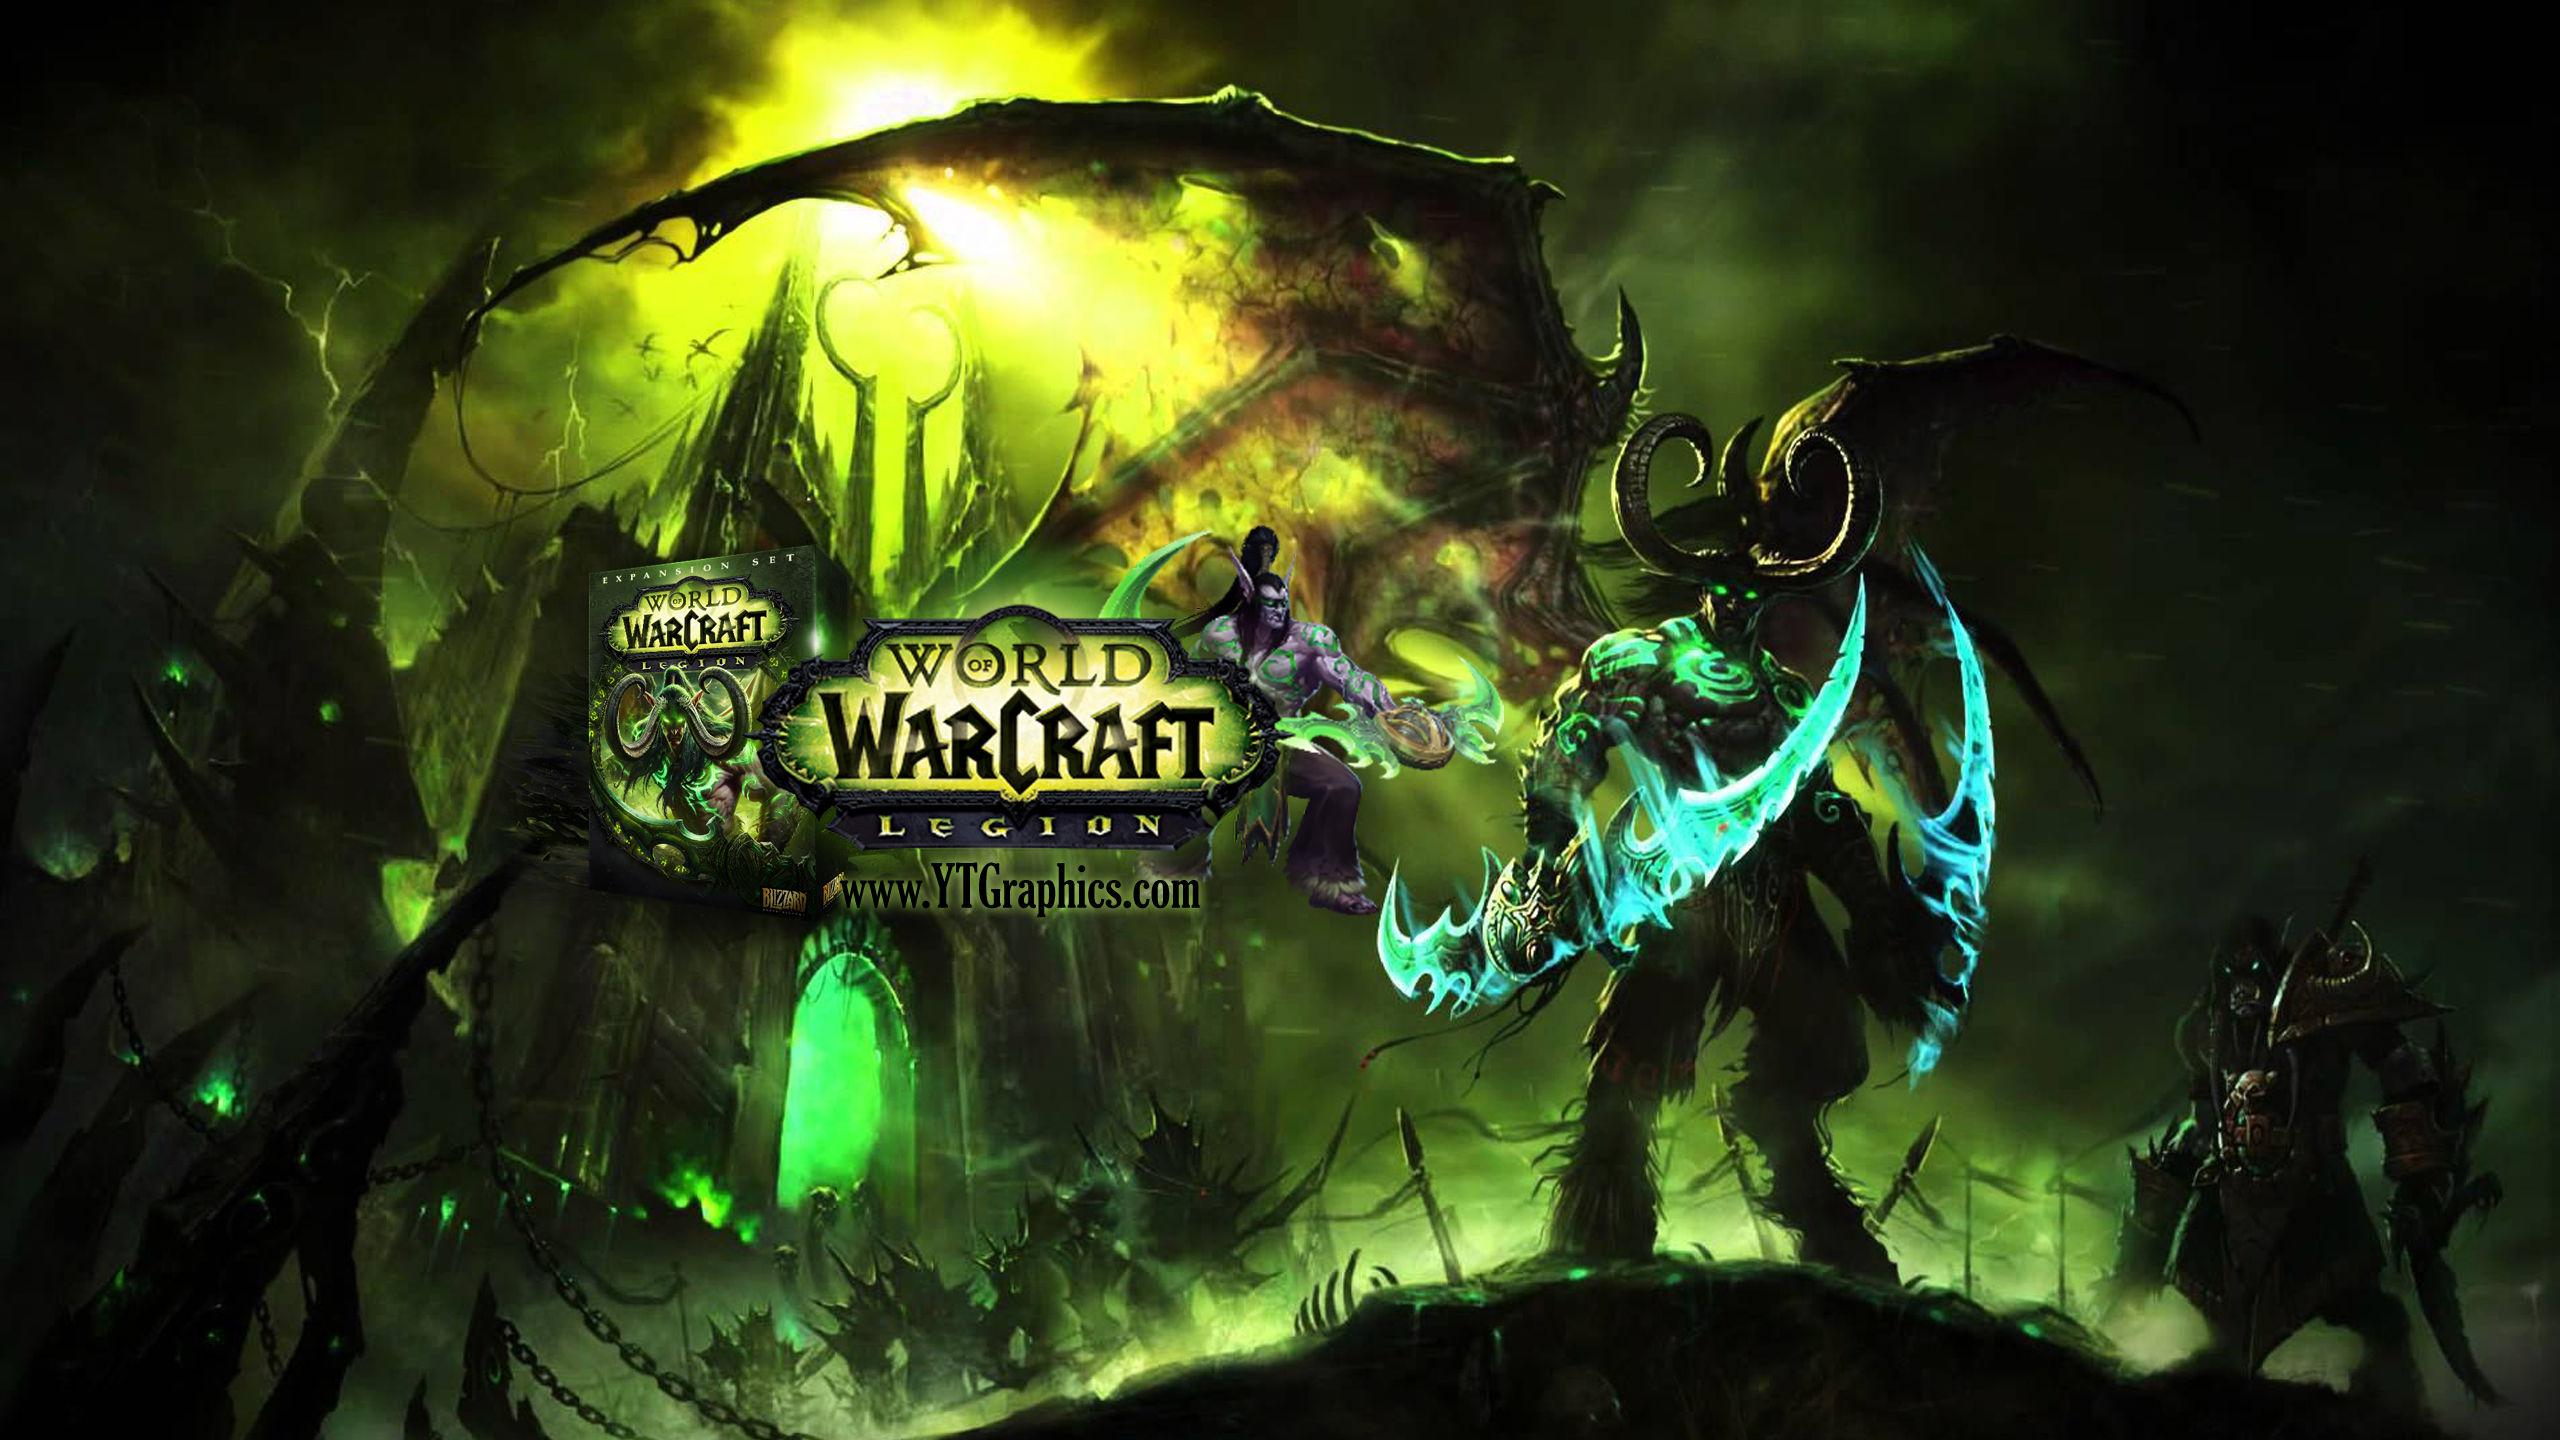 WoW: Legion - YouTube Channel Art Banners